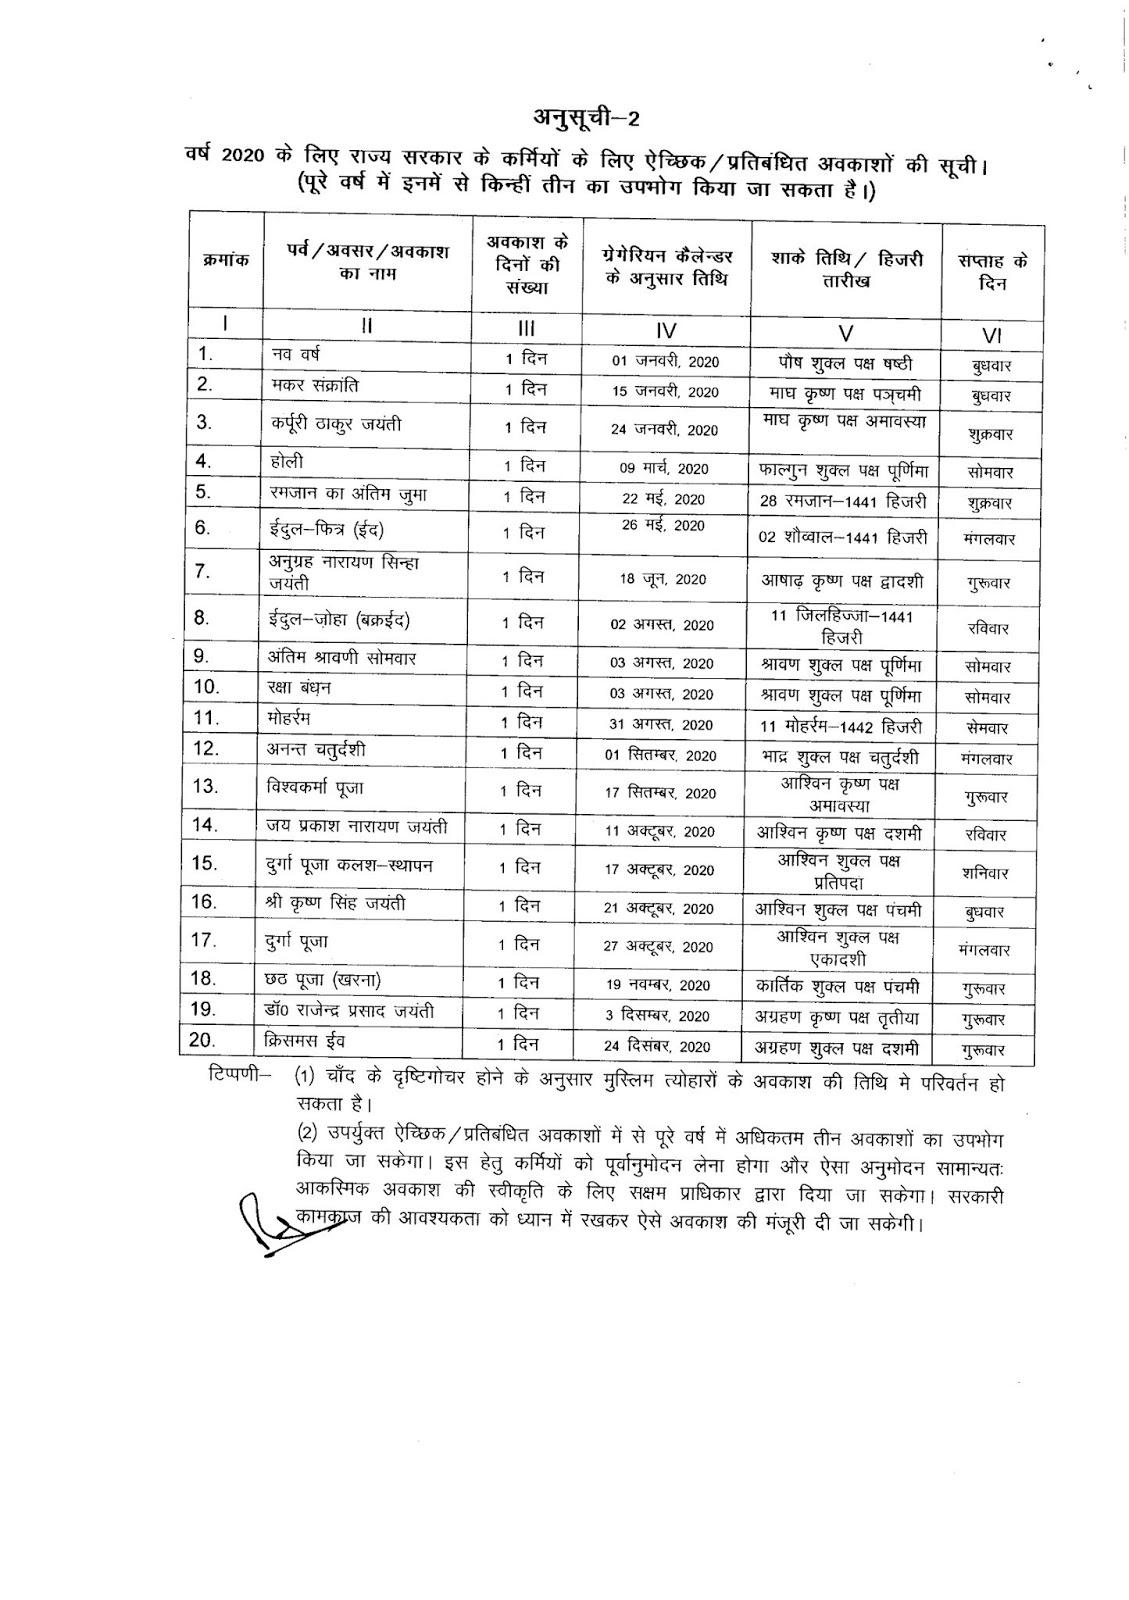 Bihar Government Calendar 2020 #educratsweb in Bihar Govt.calendar 2020